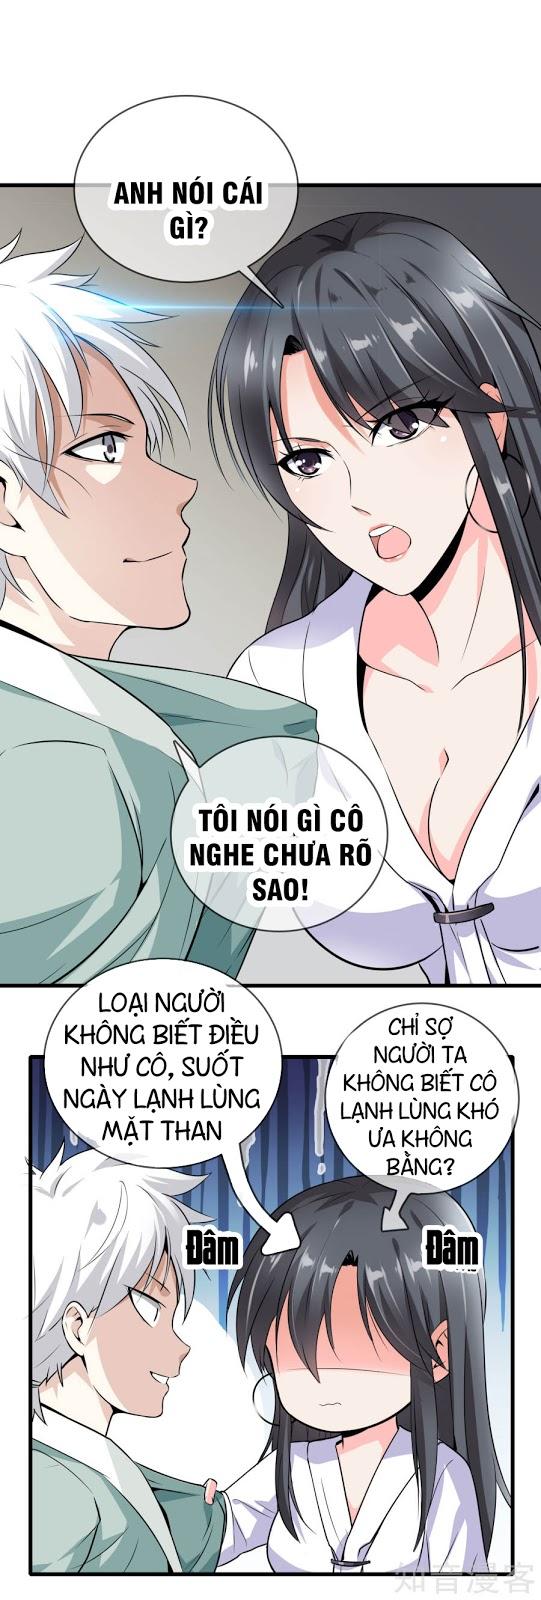 Đô Thị Chí Tôn Chapter 2 video -